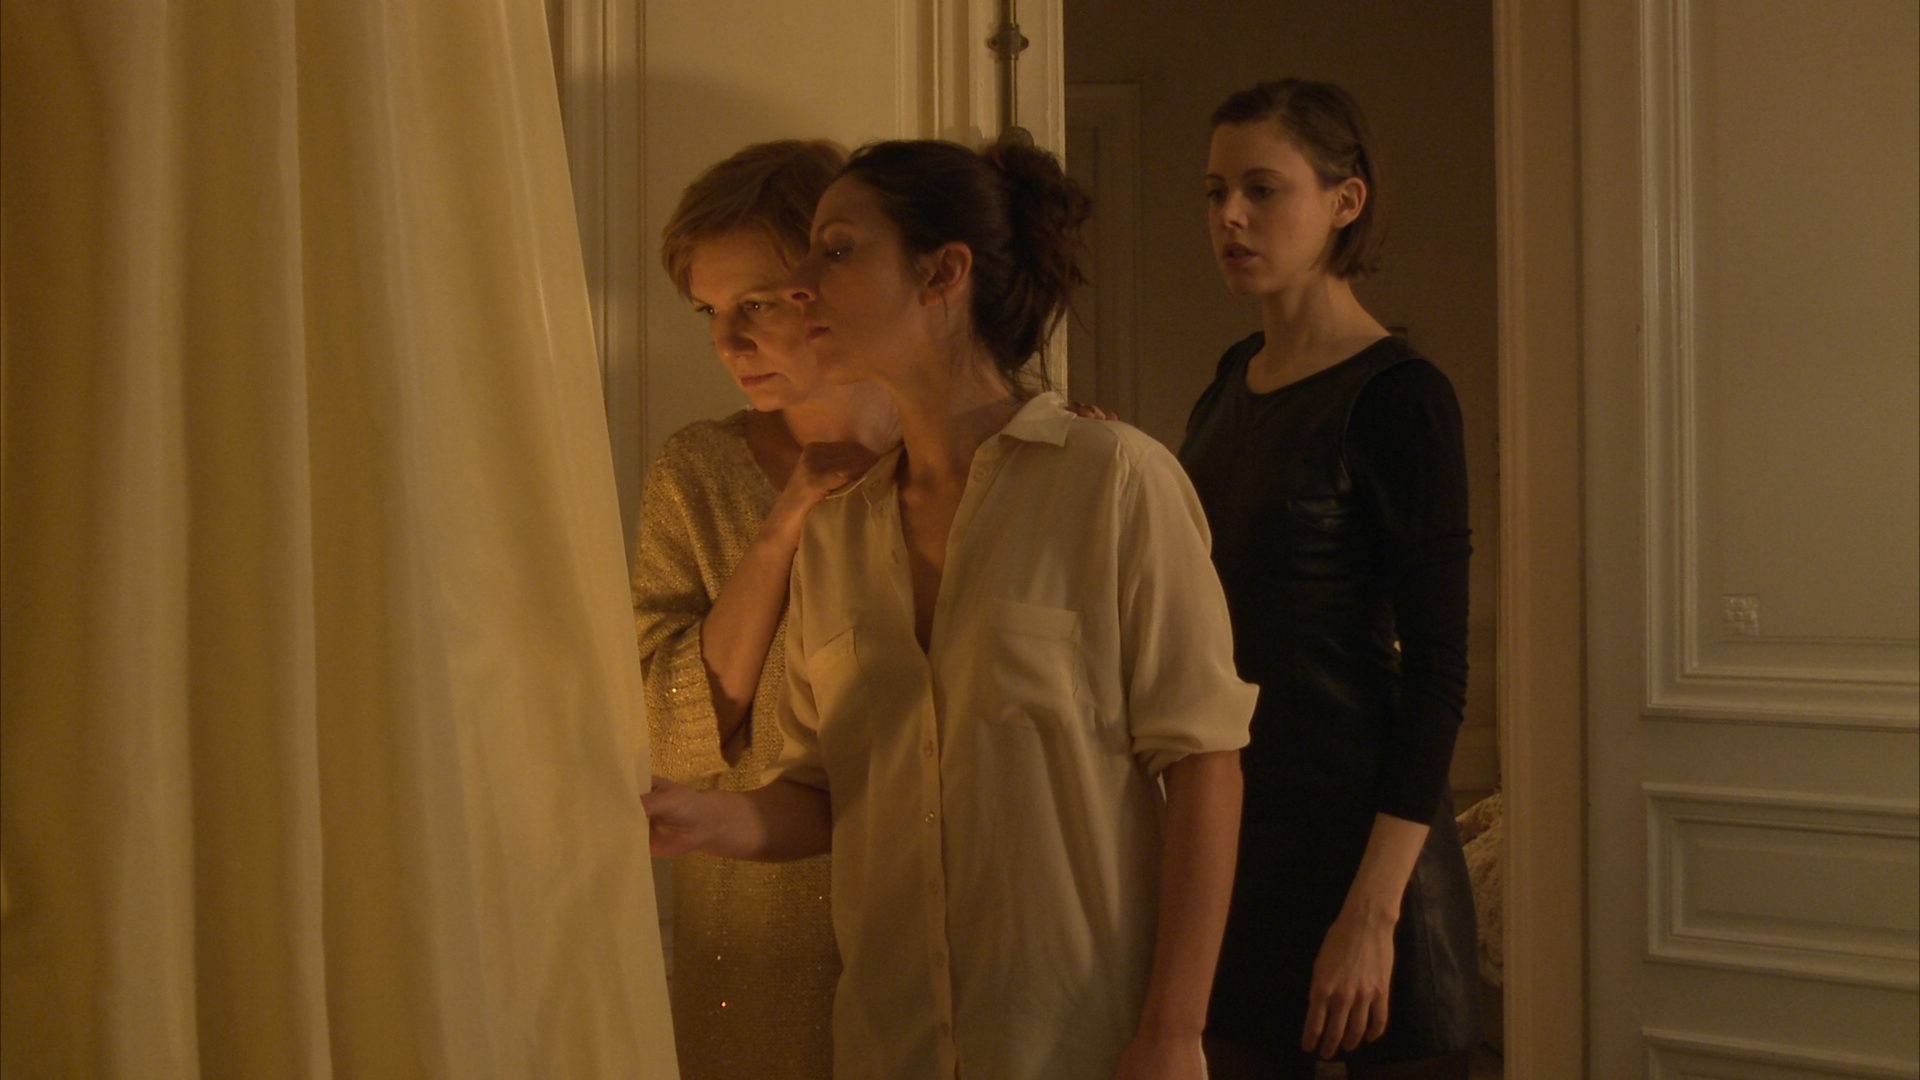 「法國情慾名導」新作《魔鬼誘惑》陌生手機驚見私密照!法比亞娜芭貝「揪兩女」床上磨蹭